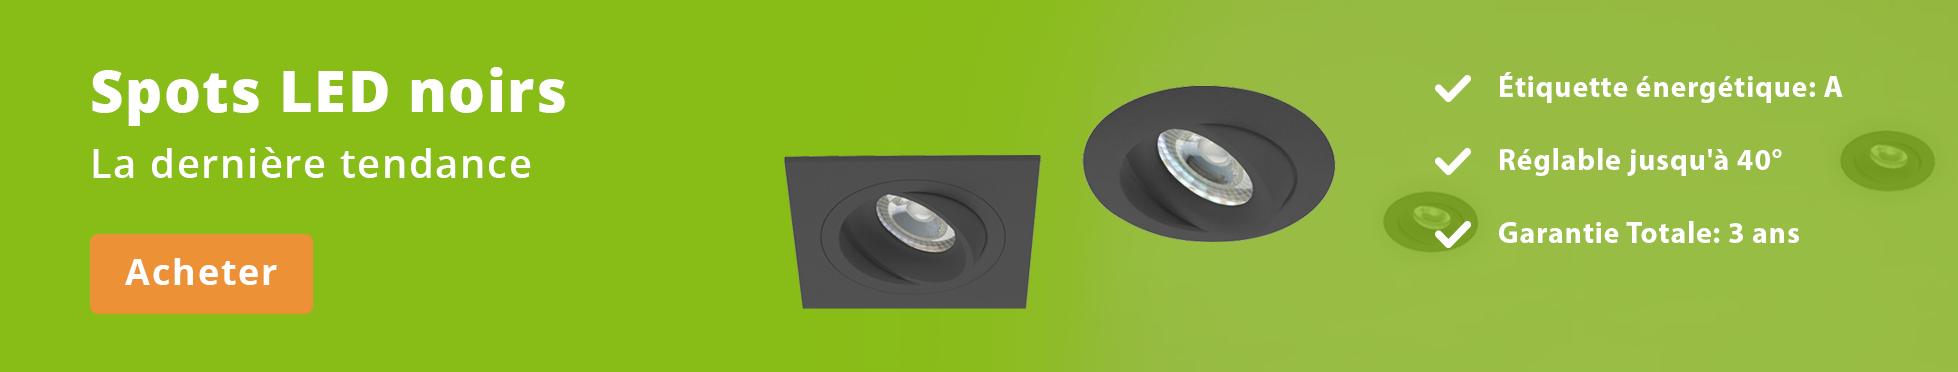 Luminaires LED Spots Noir